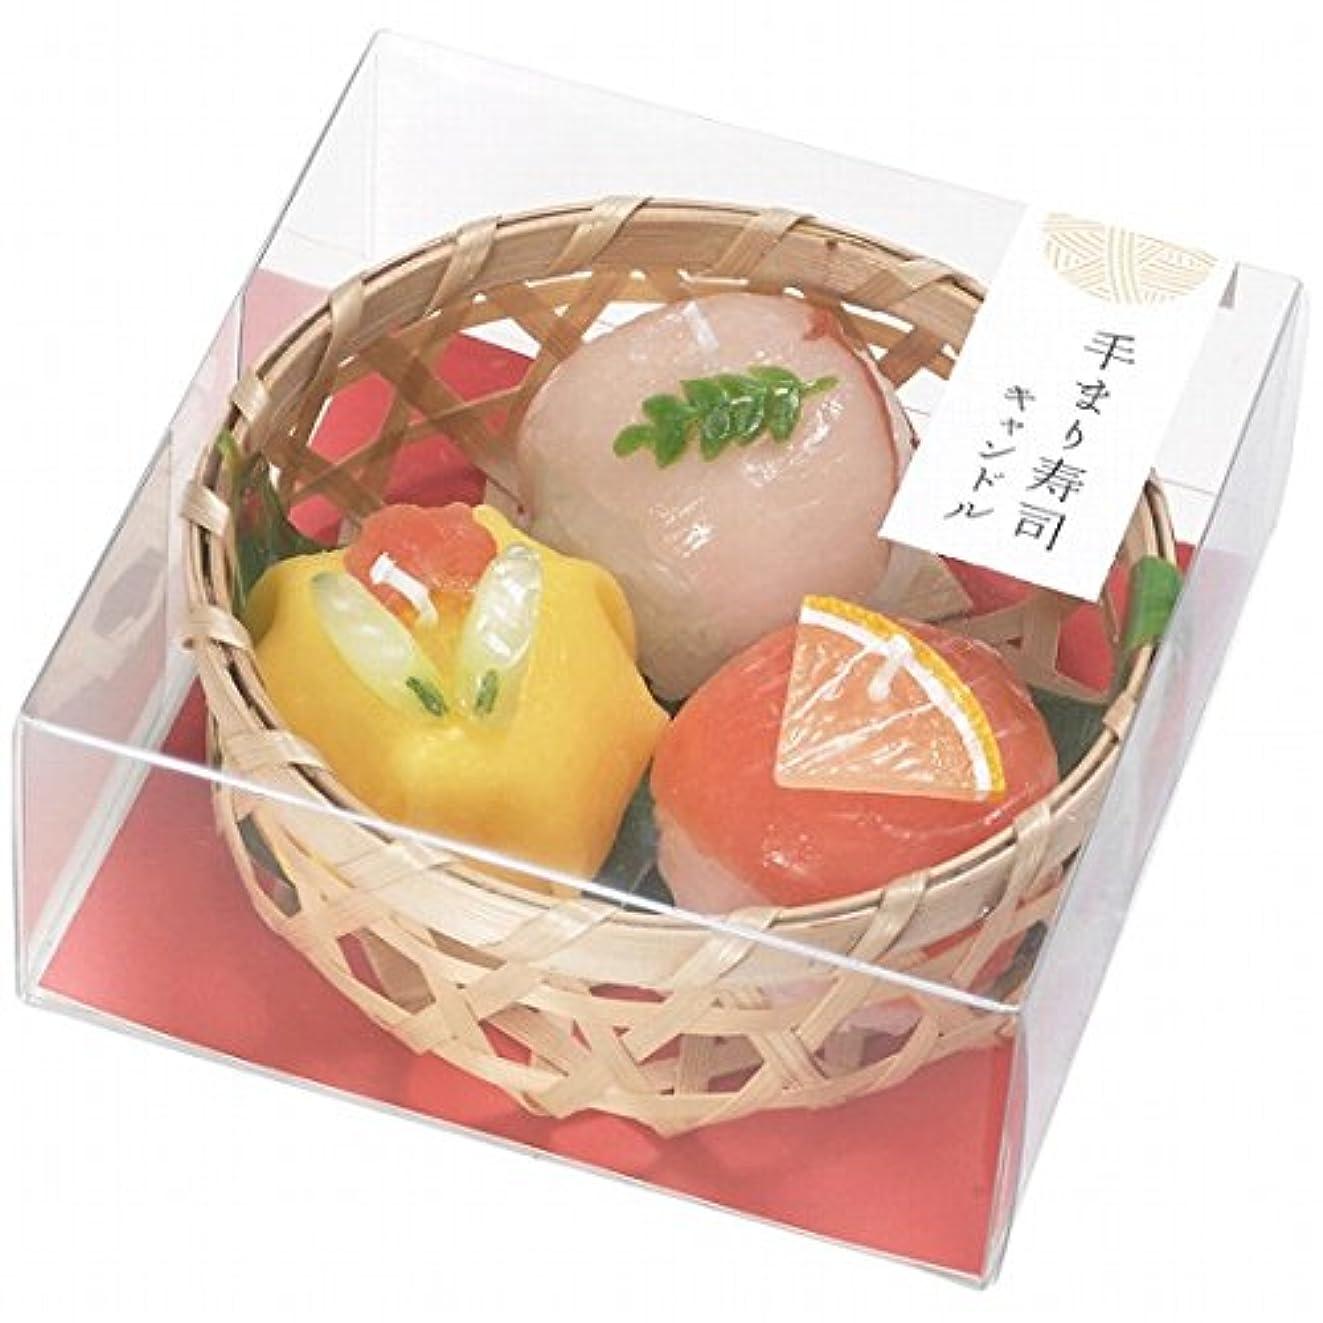 勝利飲み込む地下室カメヤマキャンドル(kameyama candle) 手まり寿司キャンドル